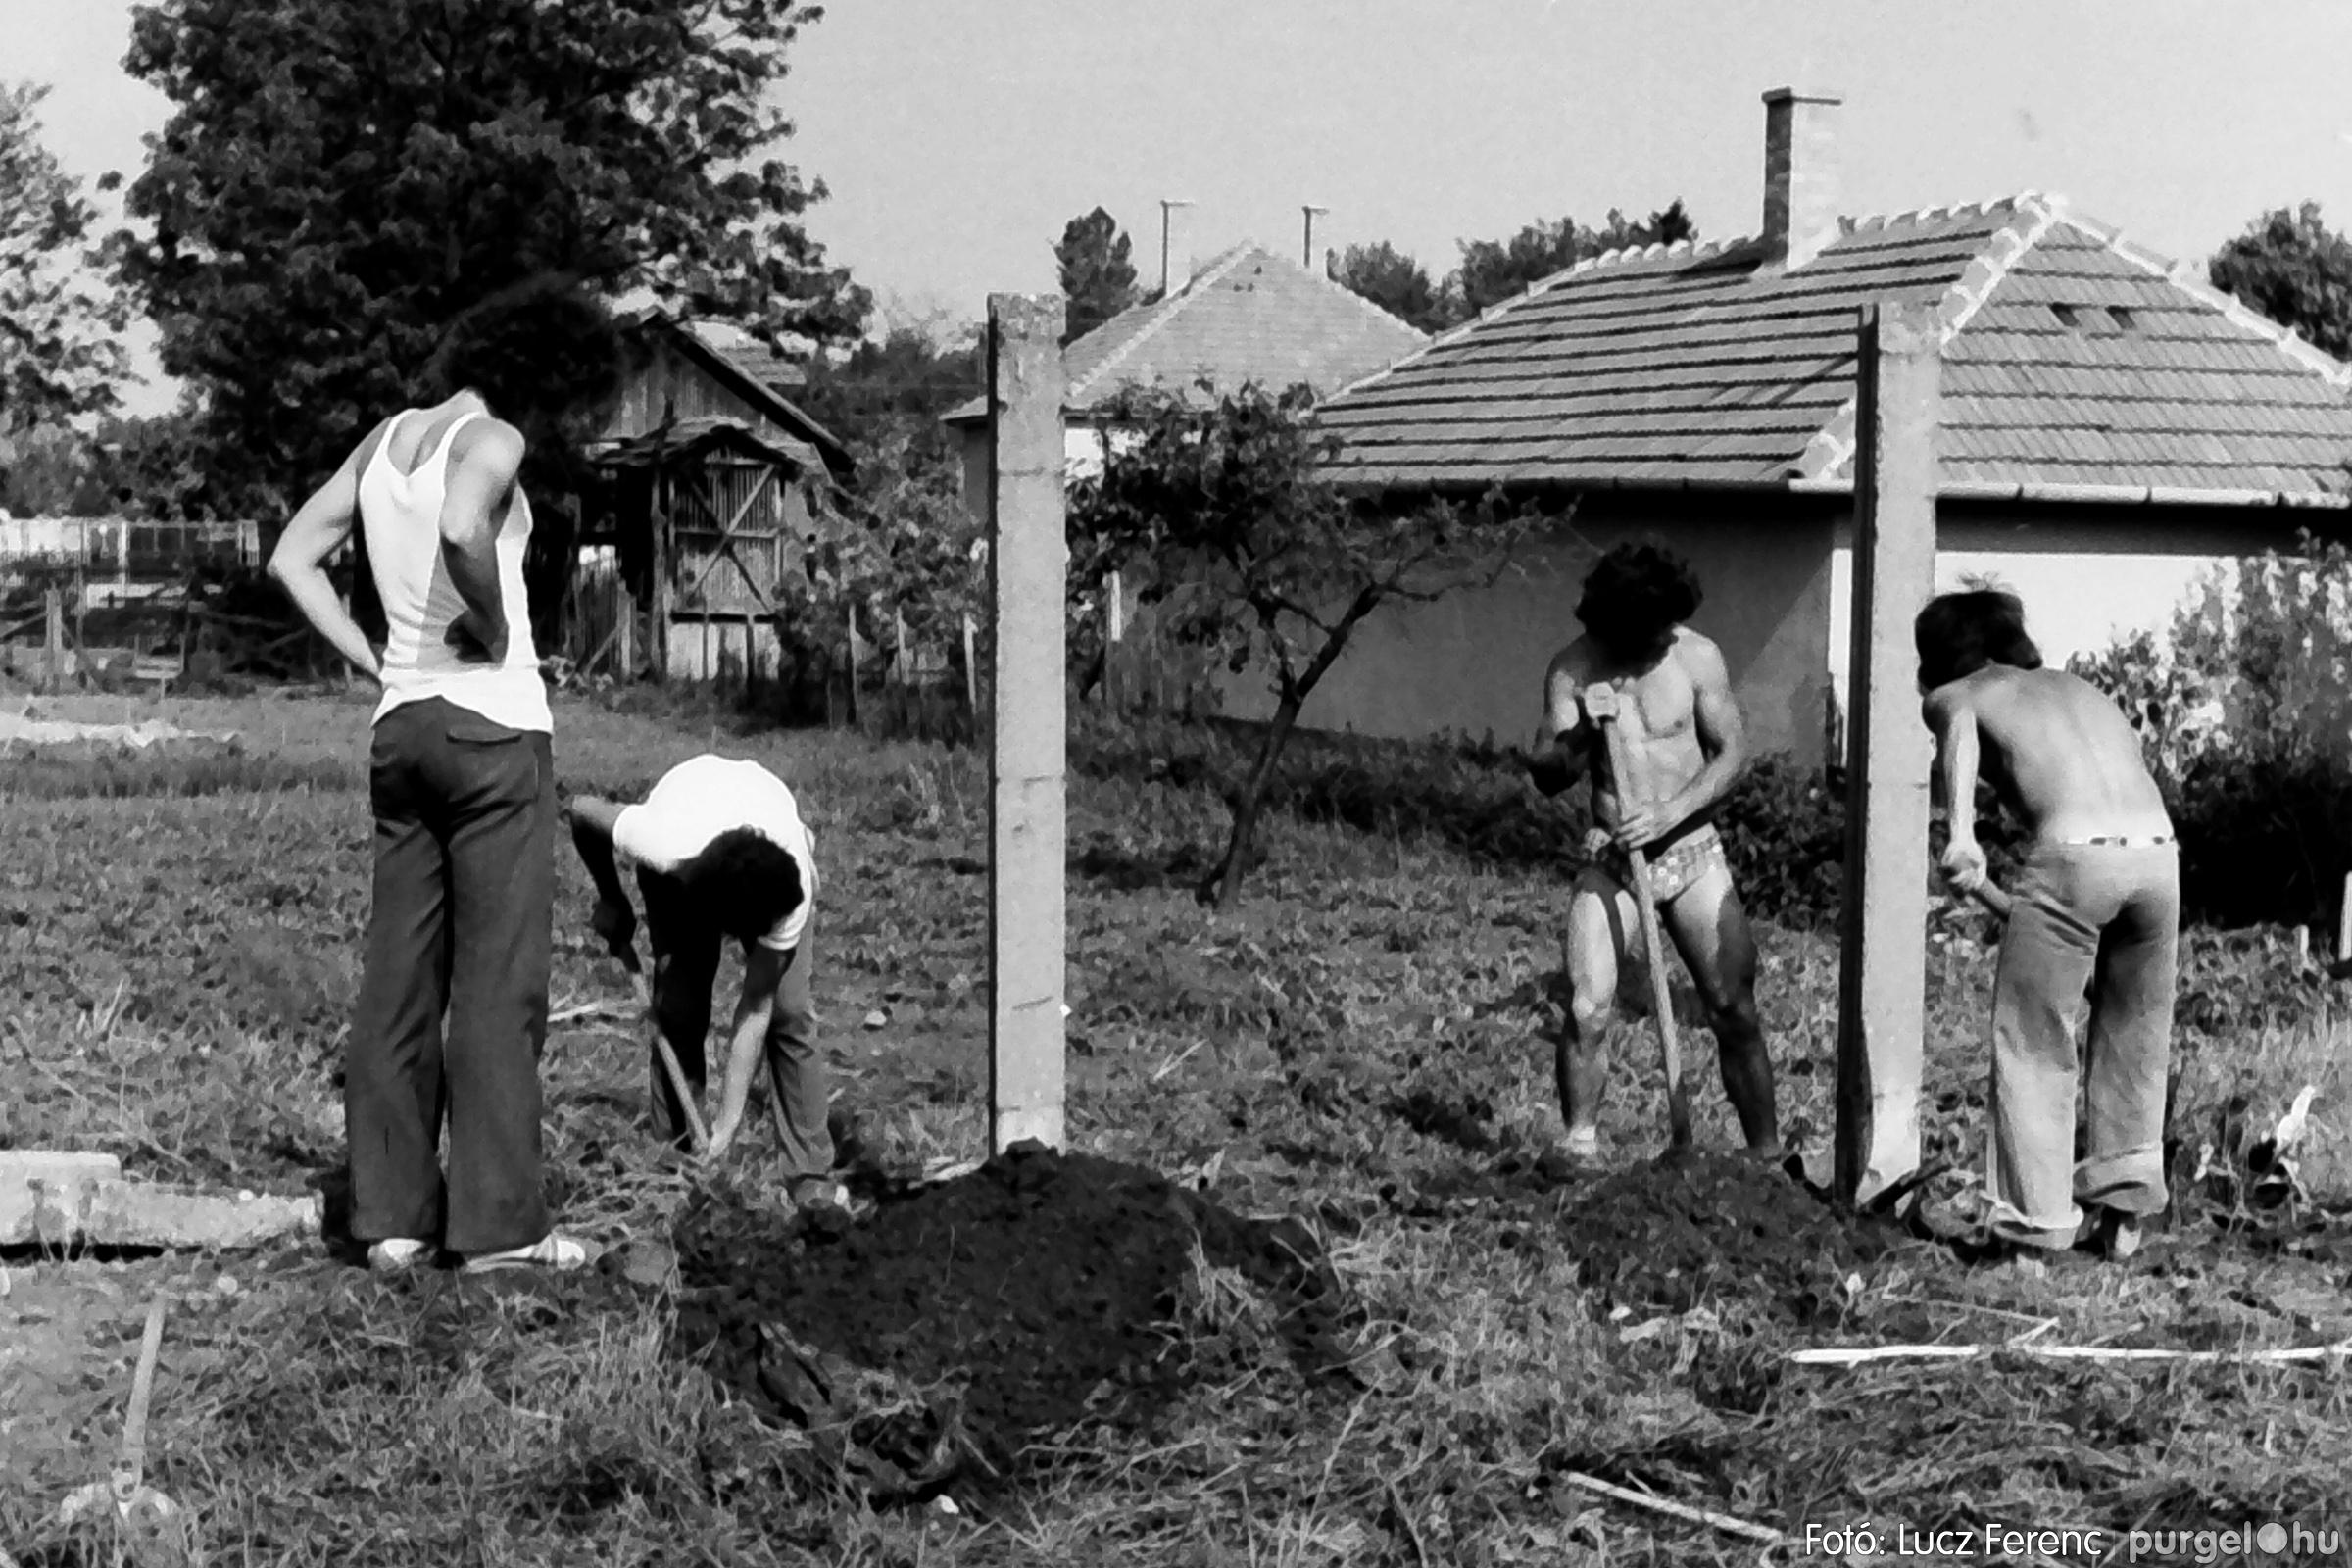 048, 051. 1976. Társadalmi munka 009. - Fotó: Lucz Ferenc.jpg